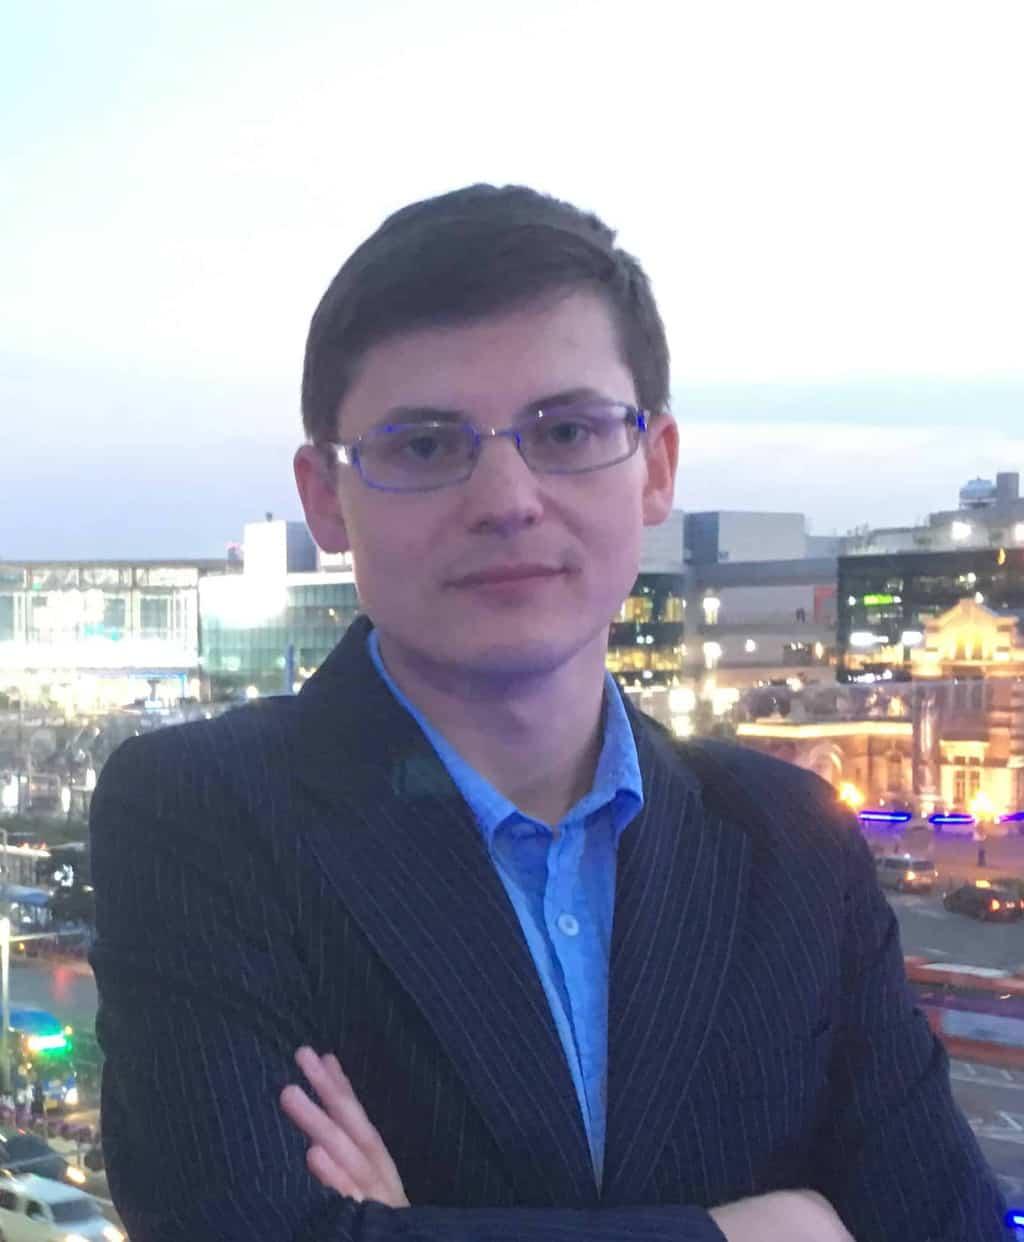 Sergei Maltcev